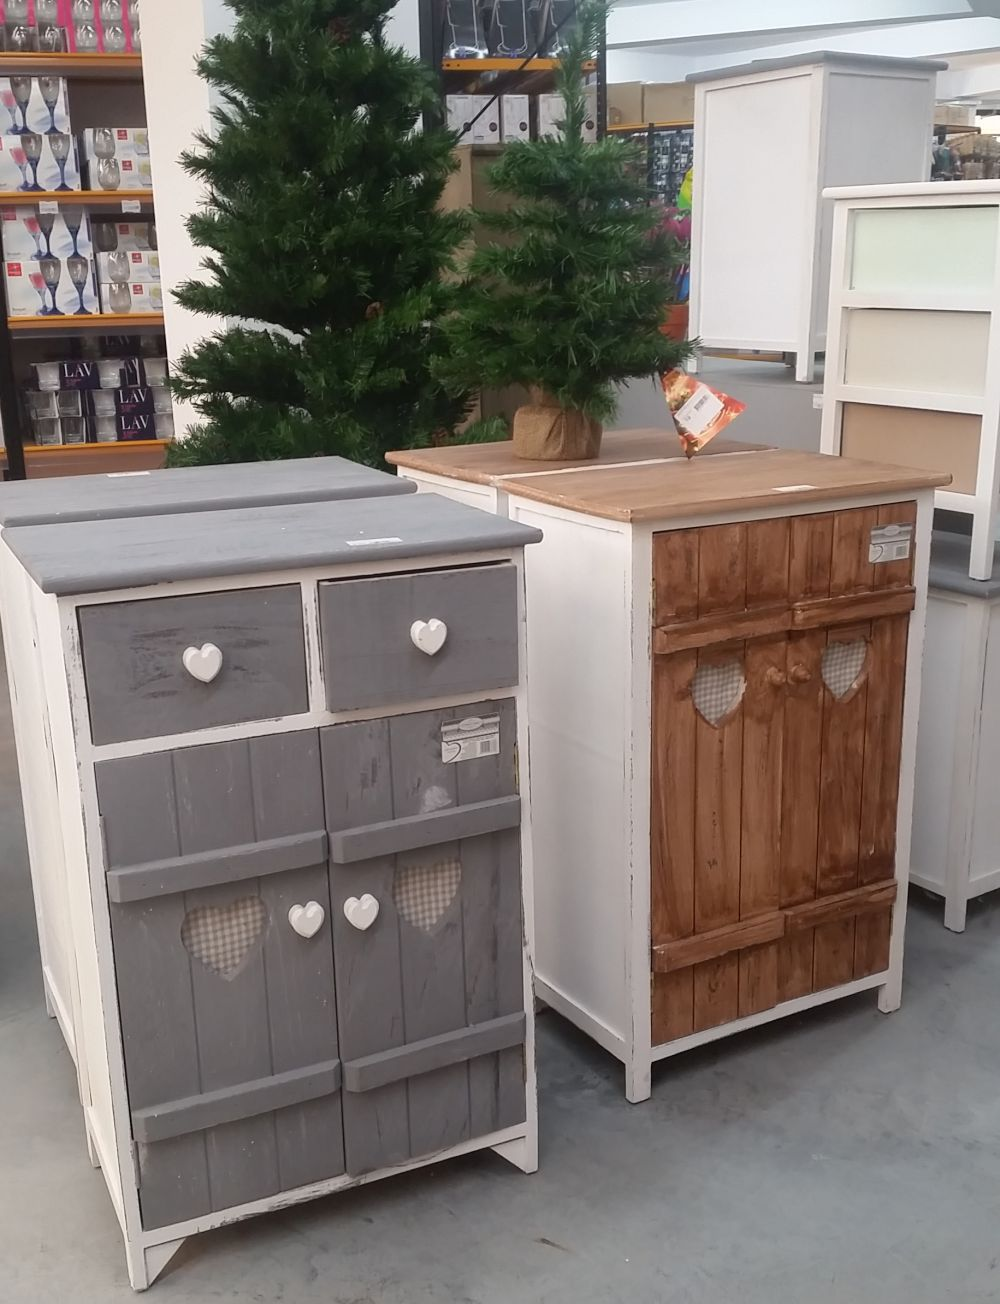 adelaparvu-com-despre-magazin-de-decoratiuni-si-obiecte-de-uz-casnic-da-moreno-3